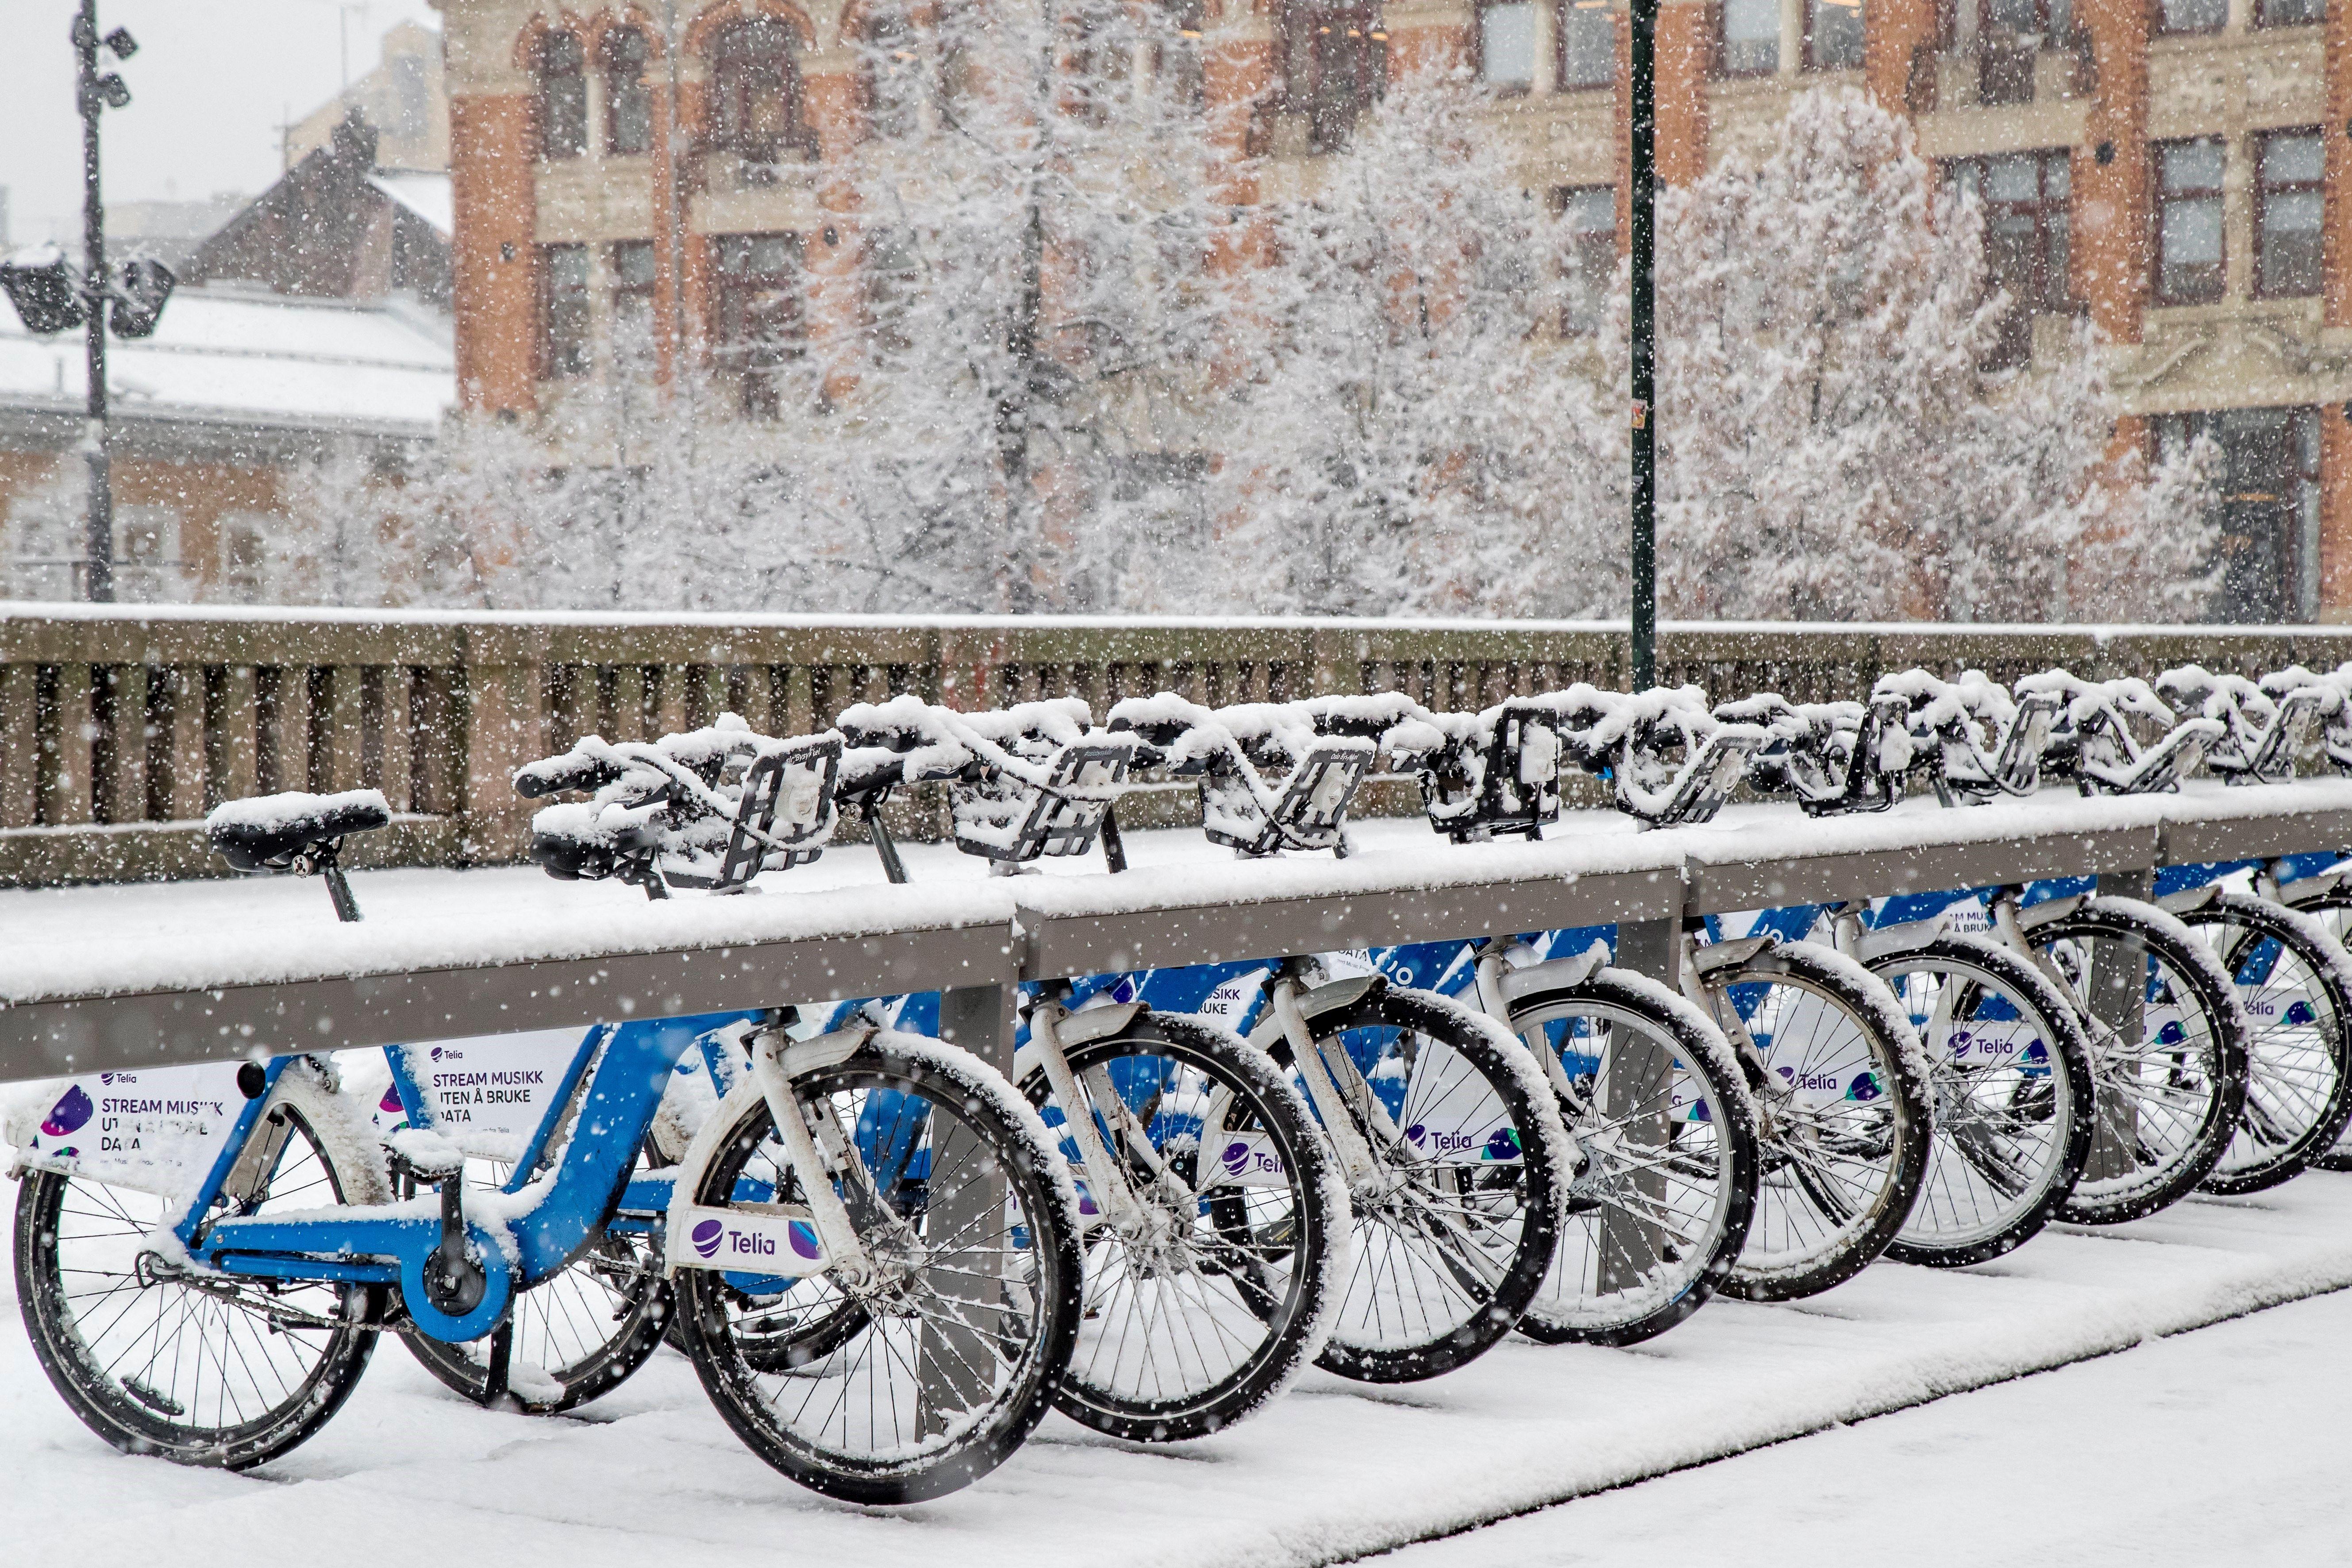 Diverses bicicletes cobertes de neu aparcades durant la primera nevada de l'hivern a Oslo (Noruega). /HEIKO JUNGE